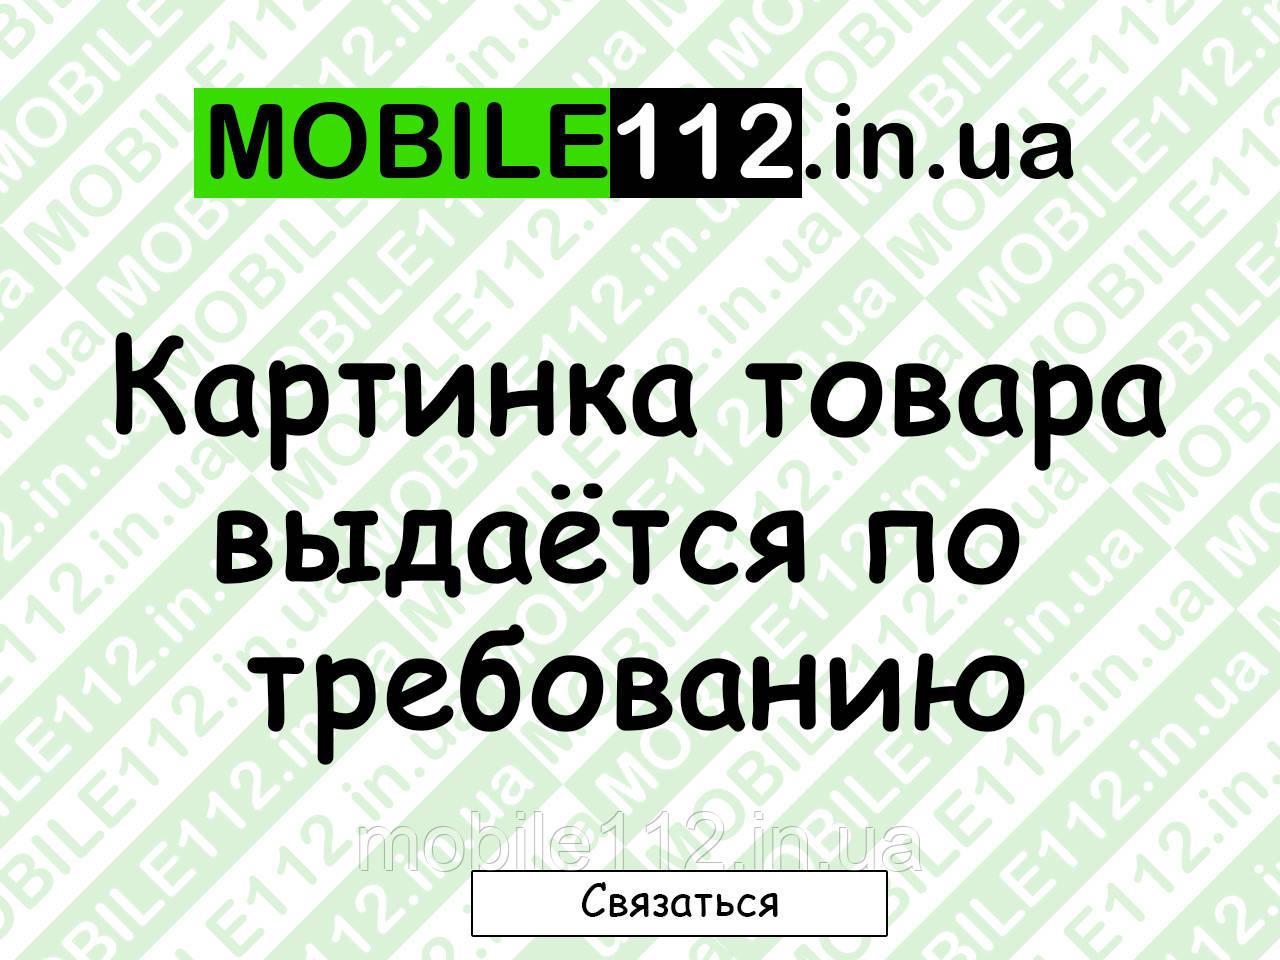 """Дисплей для Samsung J320H/ DS Galaxy J3 + touchscreen (2016), золотистый, оригинал 100%  - Магазин-склад """"Mobile 112"""" - запчасти для телефонов и планшетов. Доставка по Украине в Днепре"""